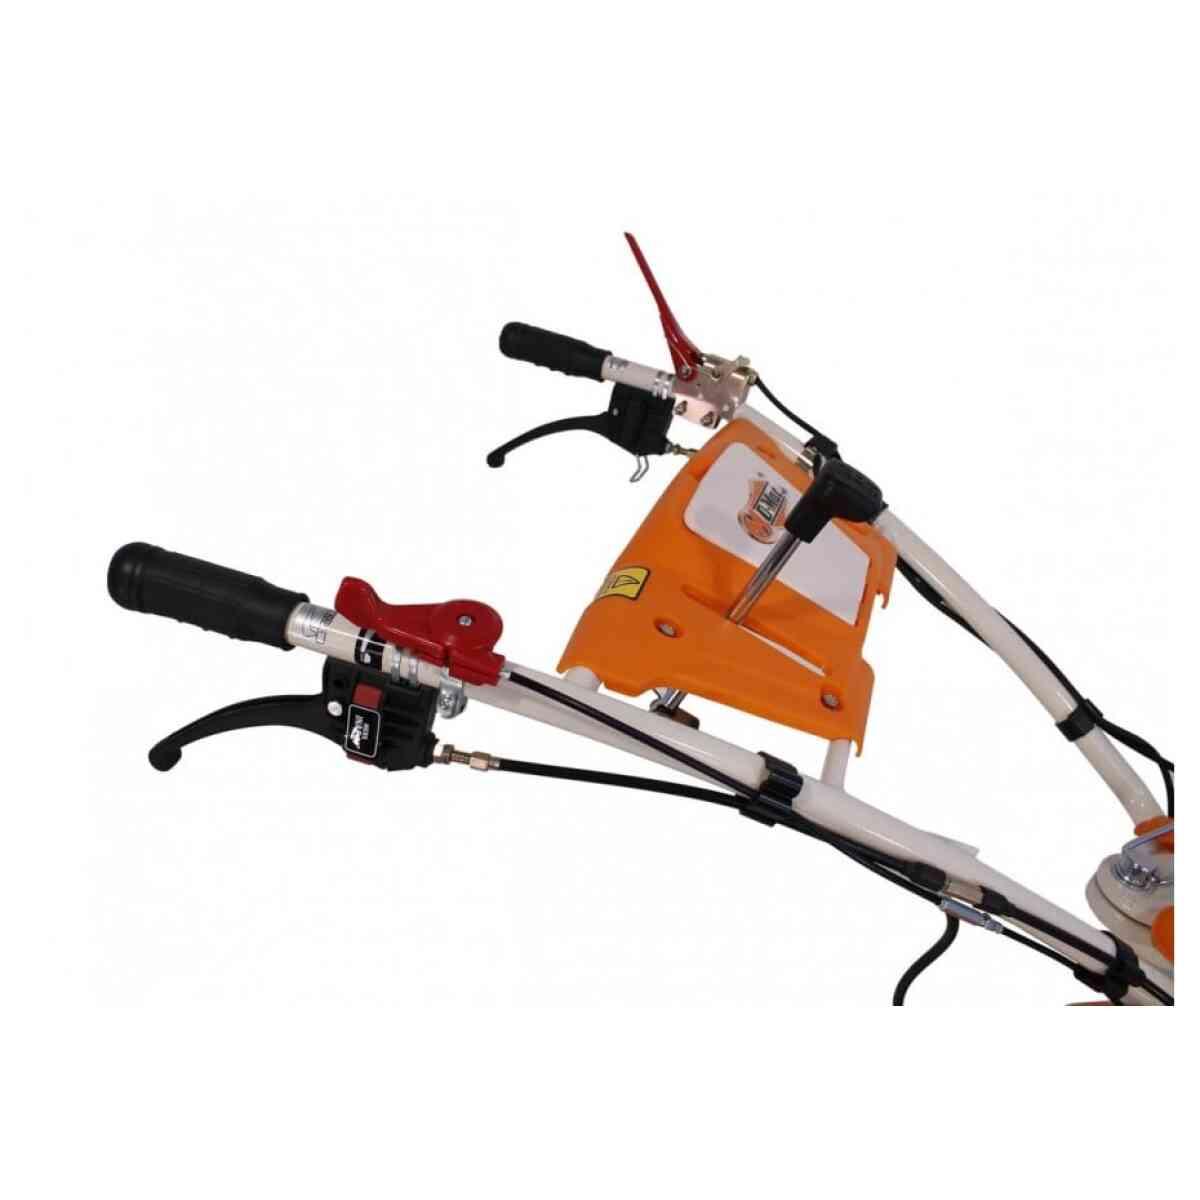 motocultor o mac new 1000 s 8cp cu roti o mac.ro 7 1 82